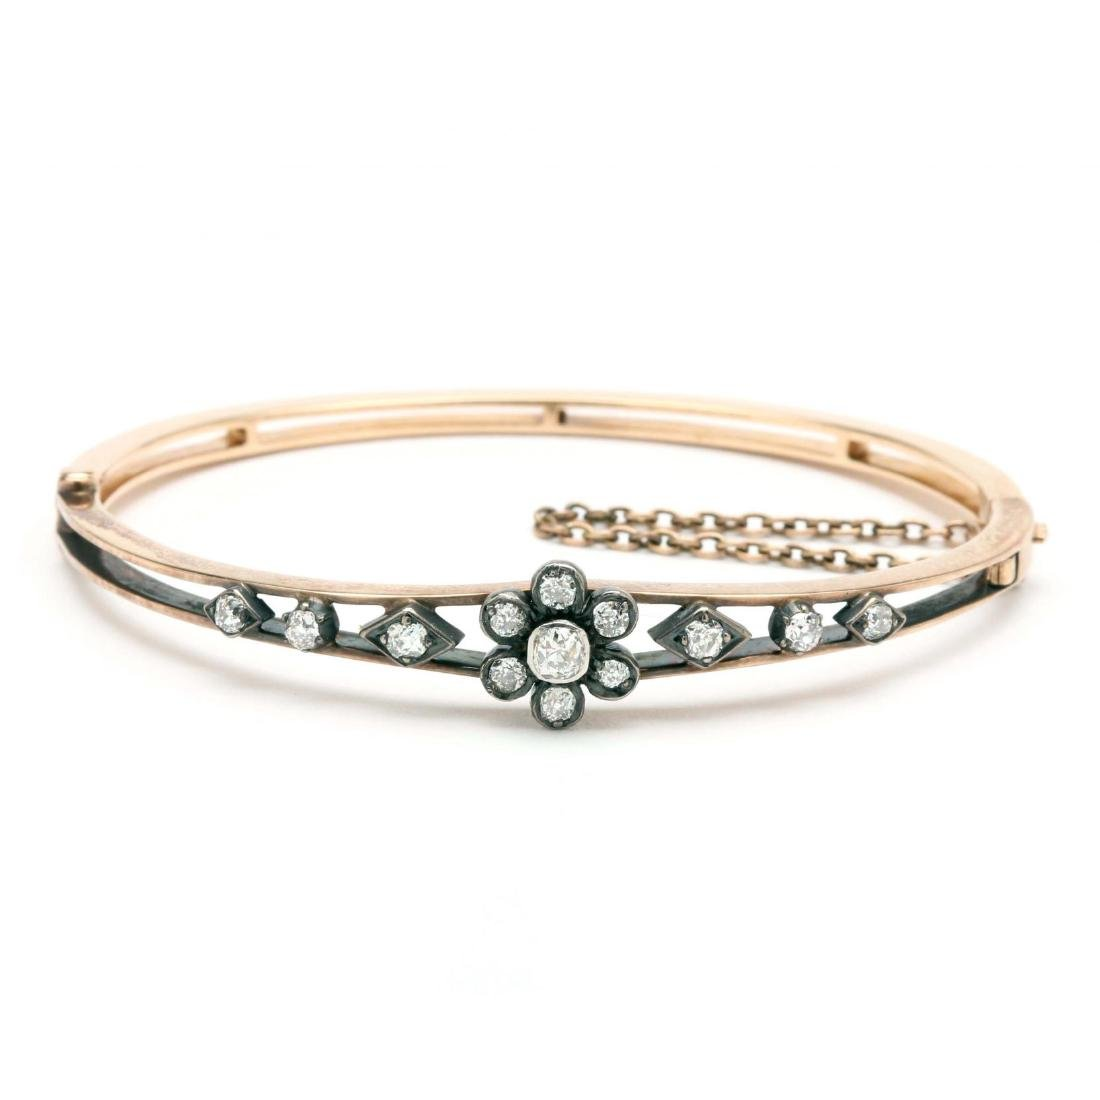 Victorian 14KT Diamond Bangle Bracelet